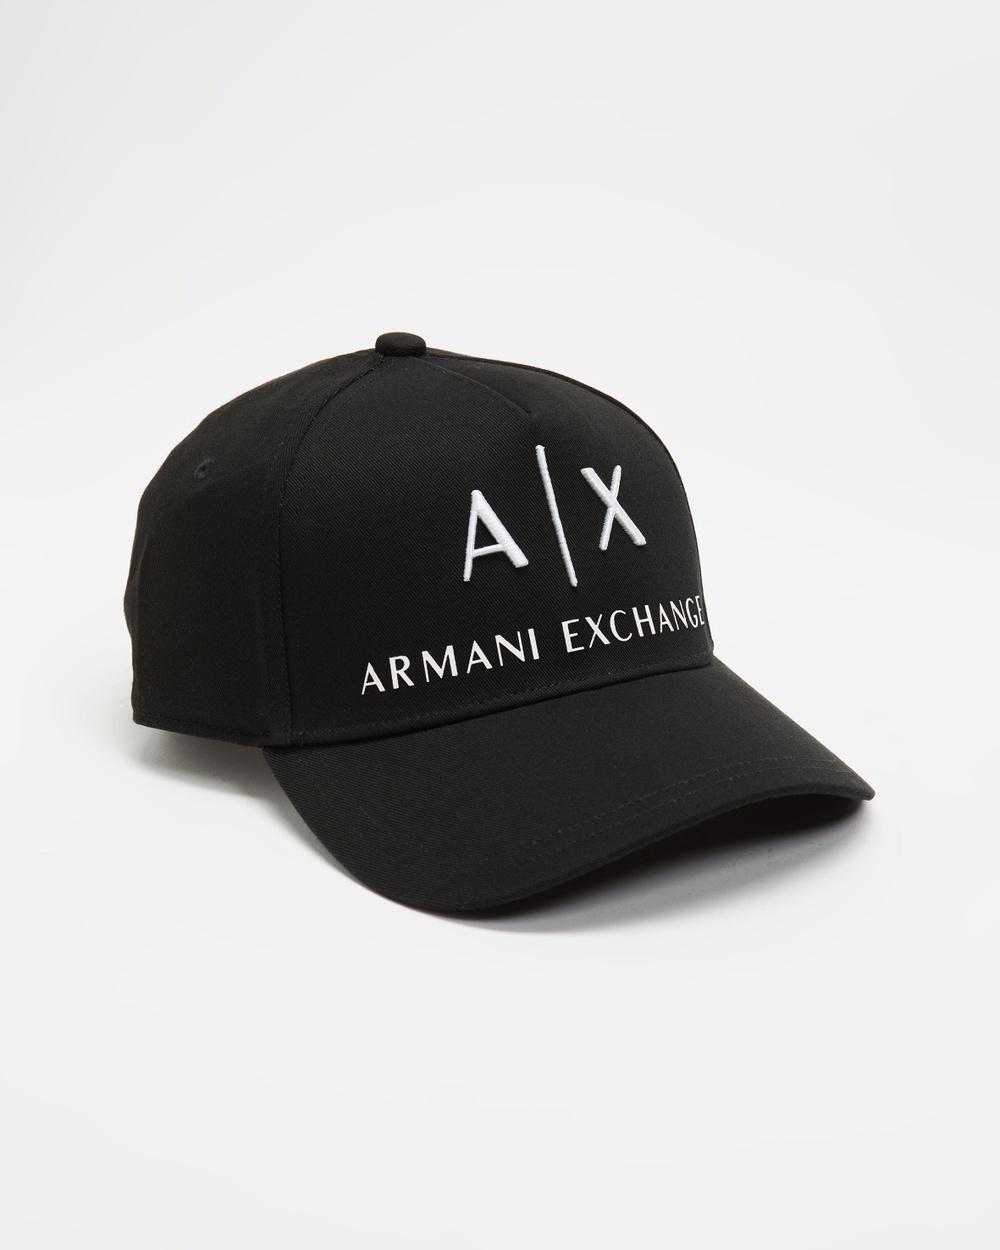 Armani Exchange Logo Baseball Cap Headwear Black